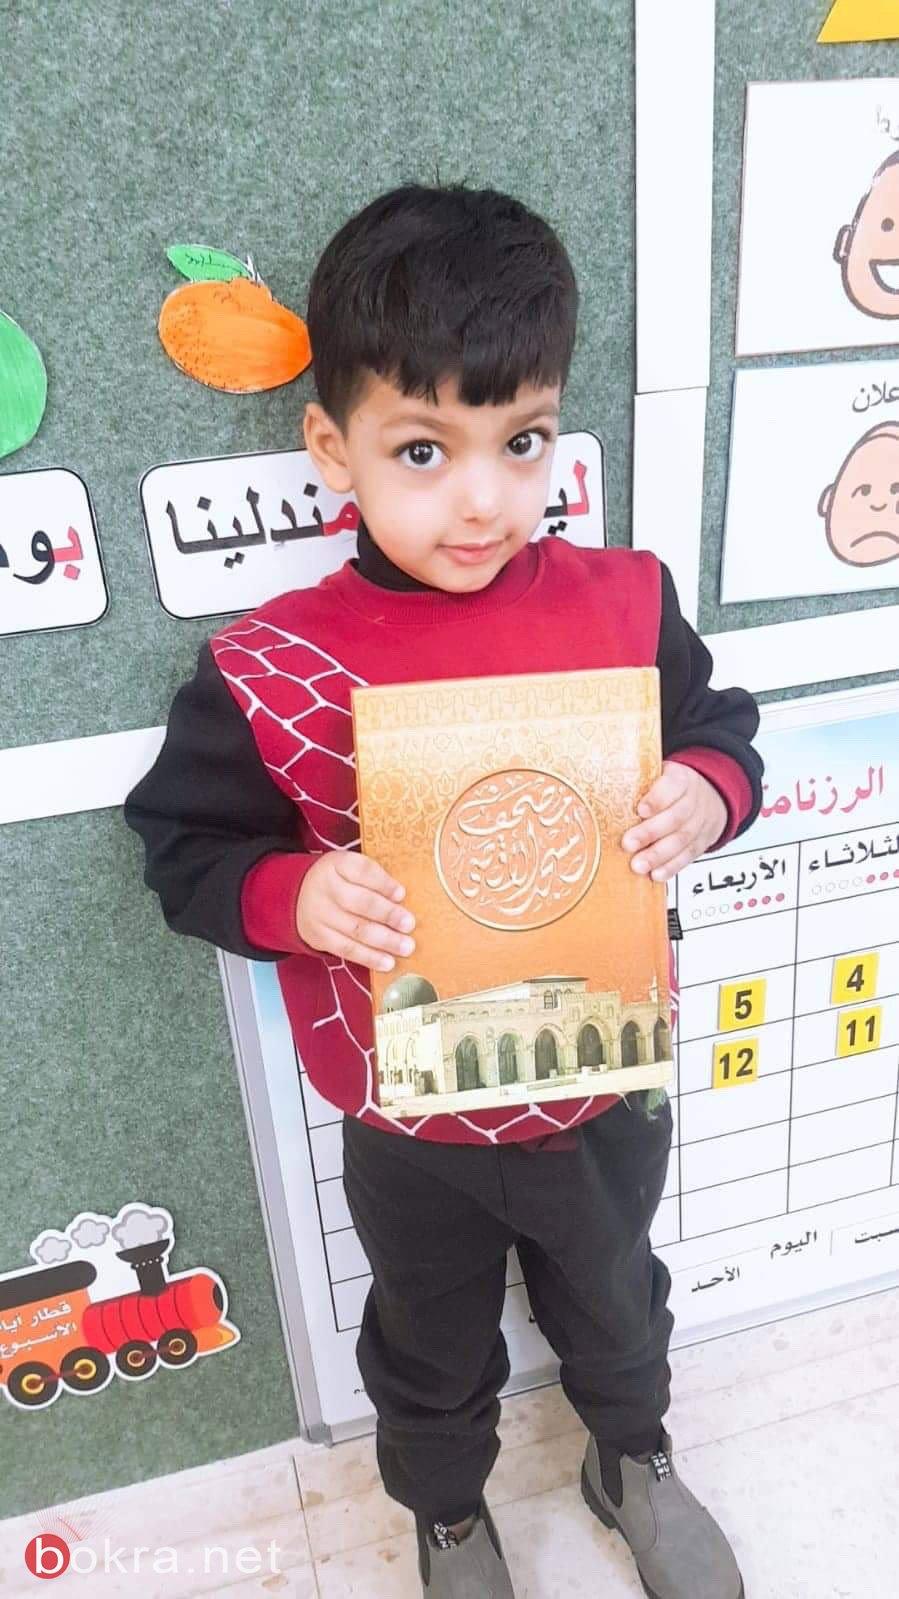 أم الفحم:- طلاب وطالبات في المدارس يلتزمون بيوم القران الكريم